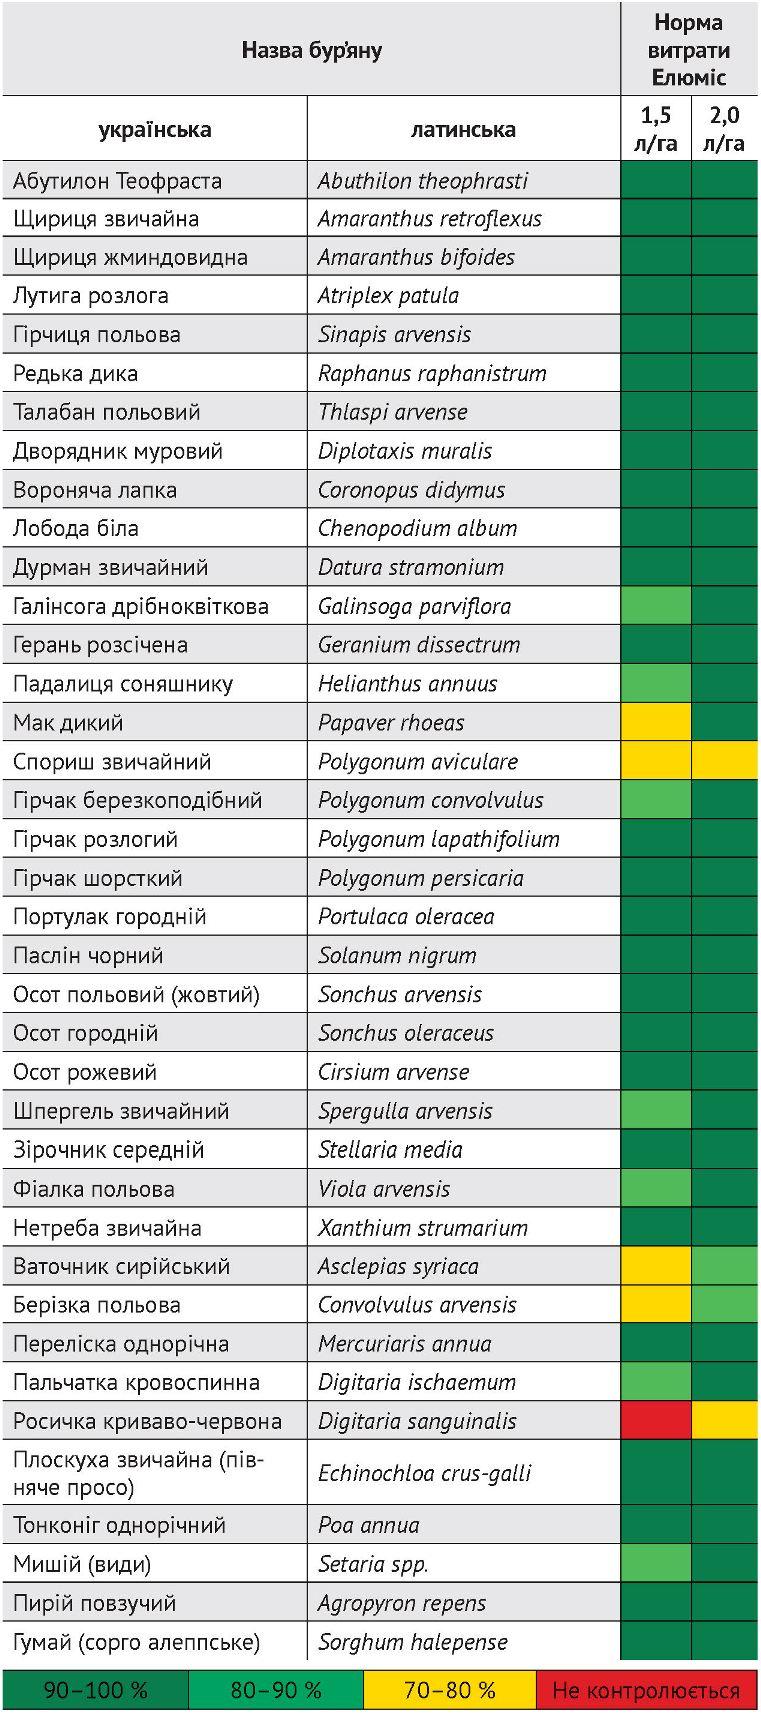 Чутливість окремих бур'янів до гербіциду Елюміс 105 OD, о. д. при різній нормі витрати